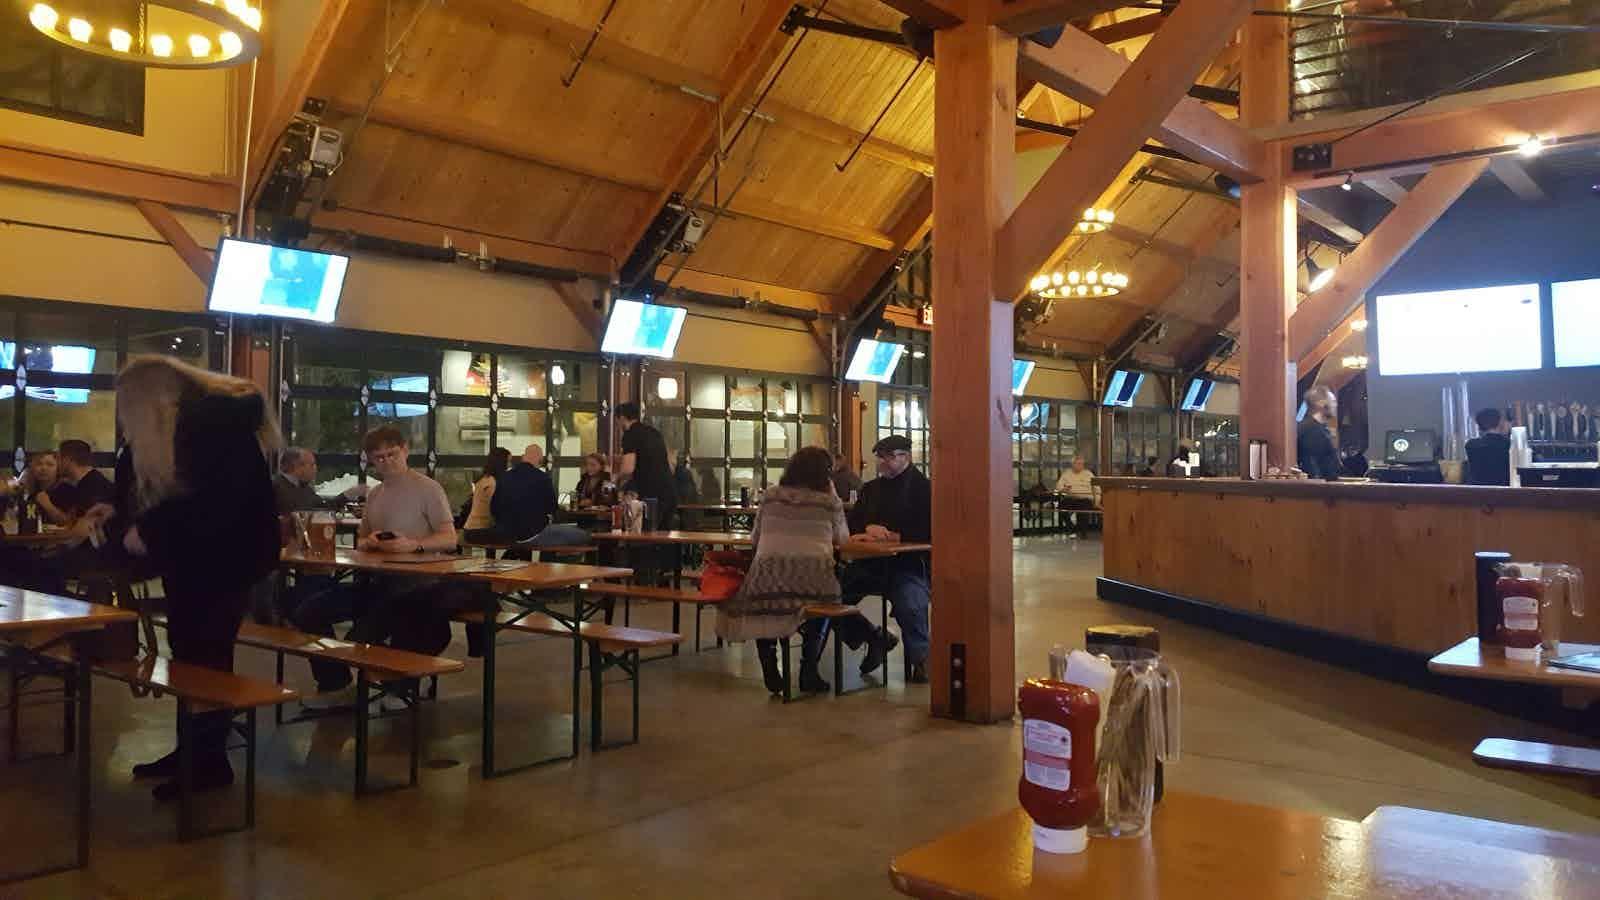 Plattdeutsche Park - Franklin Square | Restaurant Review - Zagat